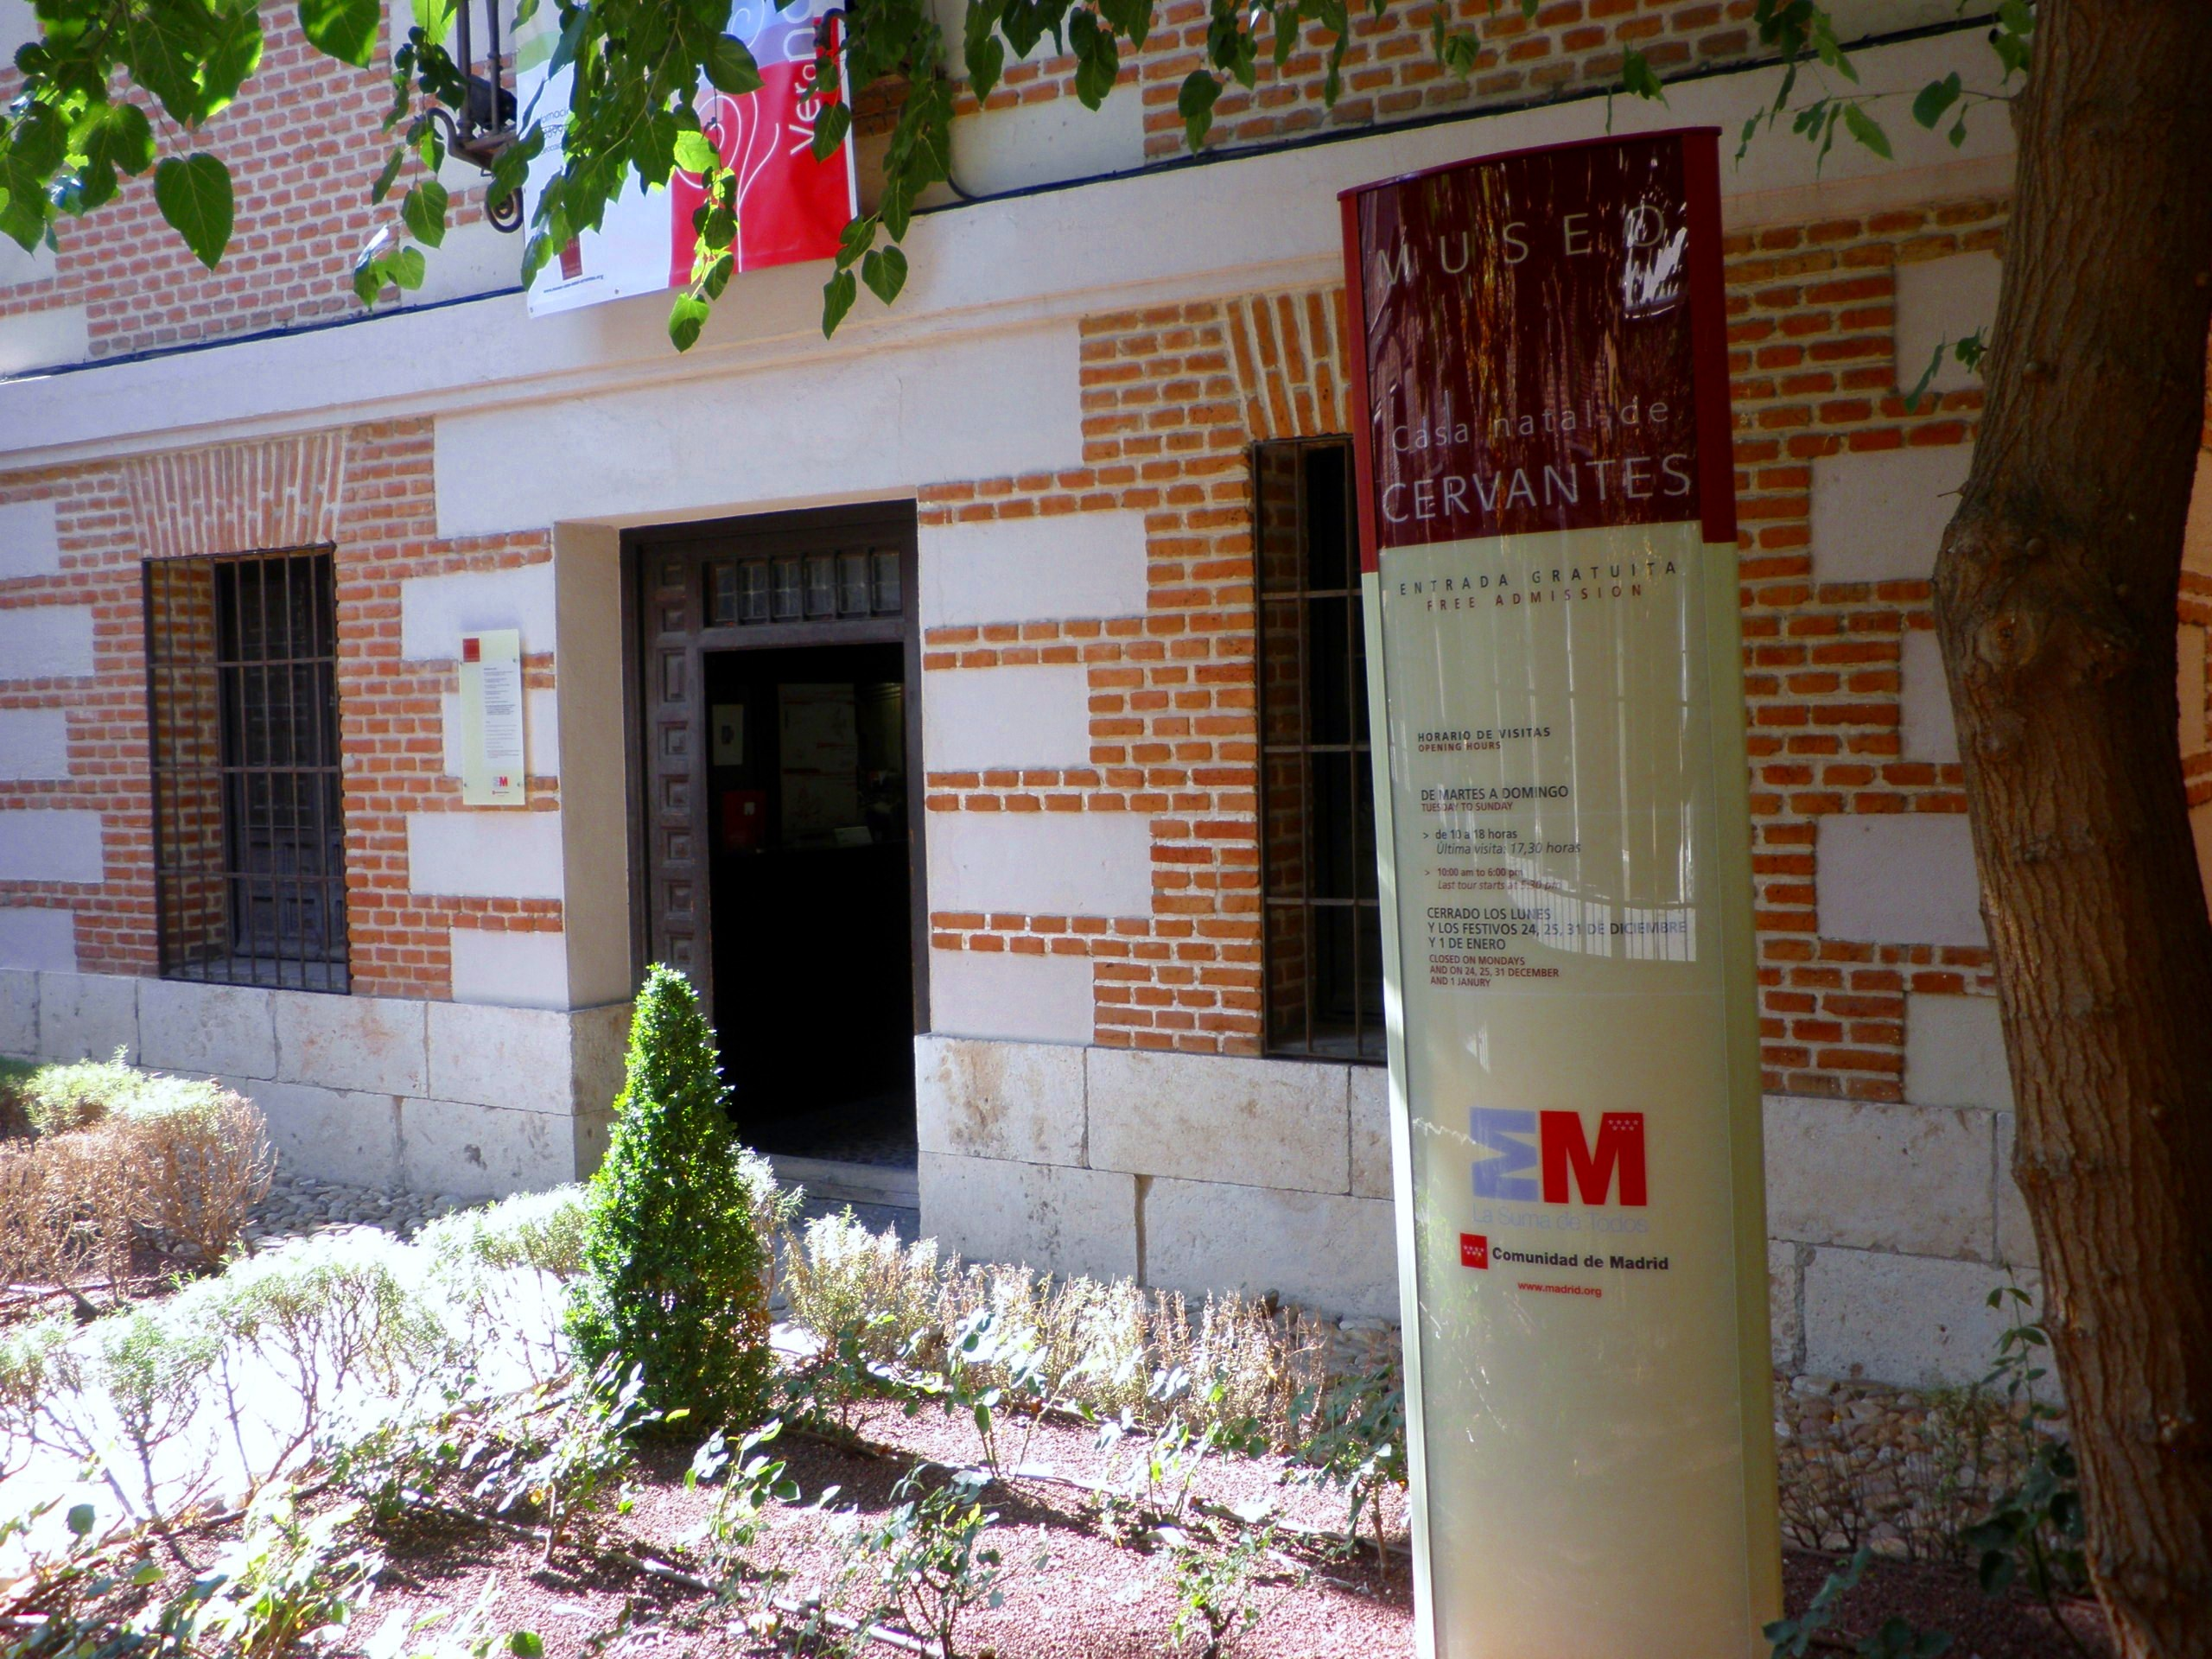 Casa natal miguel de cervantes alcal de henares - Casas regionales alcala de henares ...